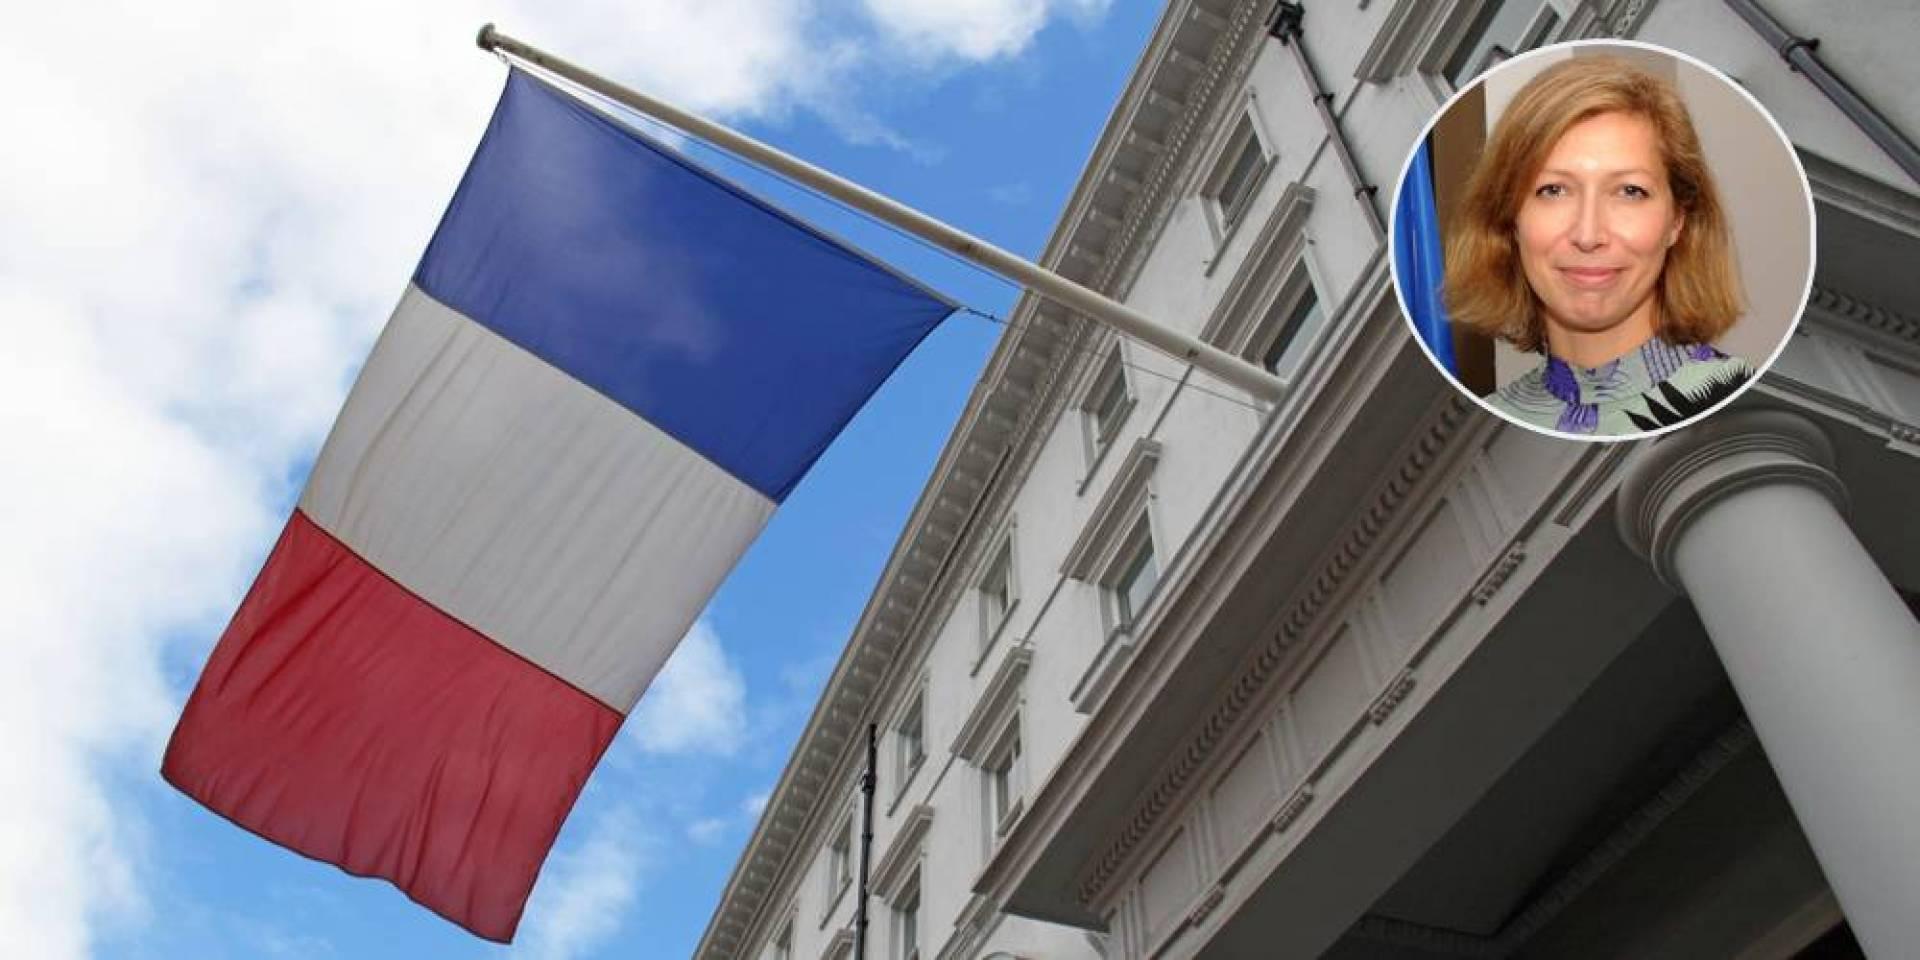 السفيرة ليجيندر: فرنسا سلَّمت الكويت 300 آلية عسكرية